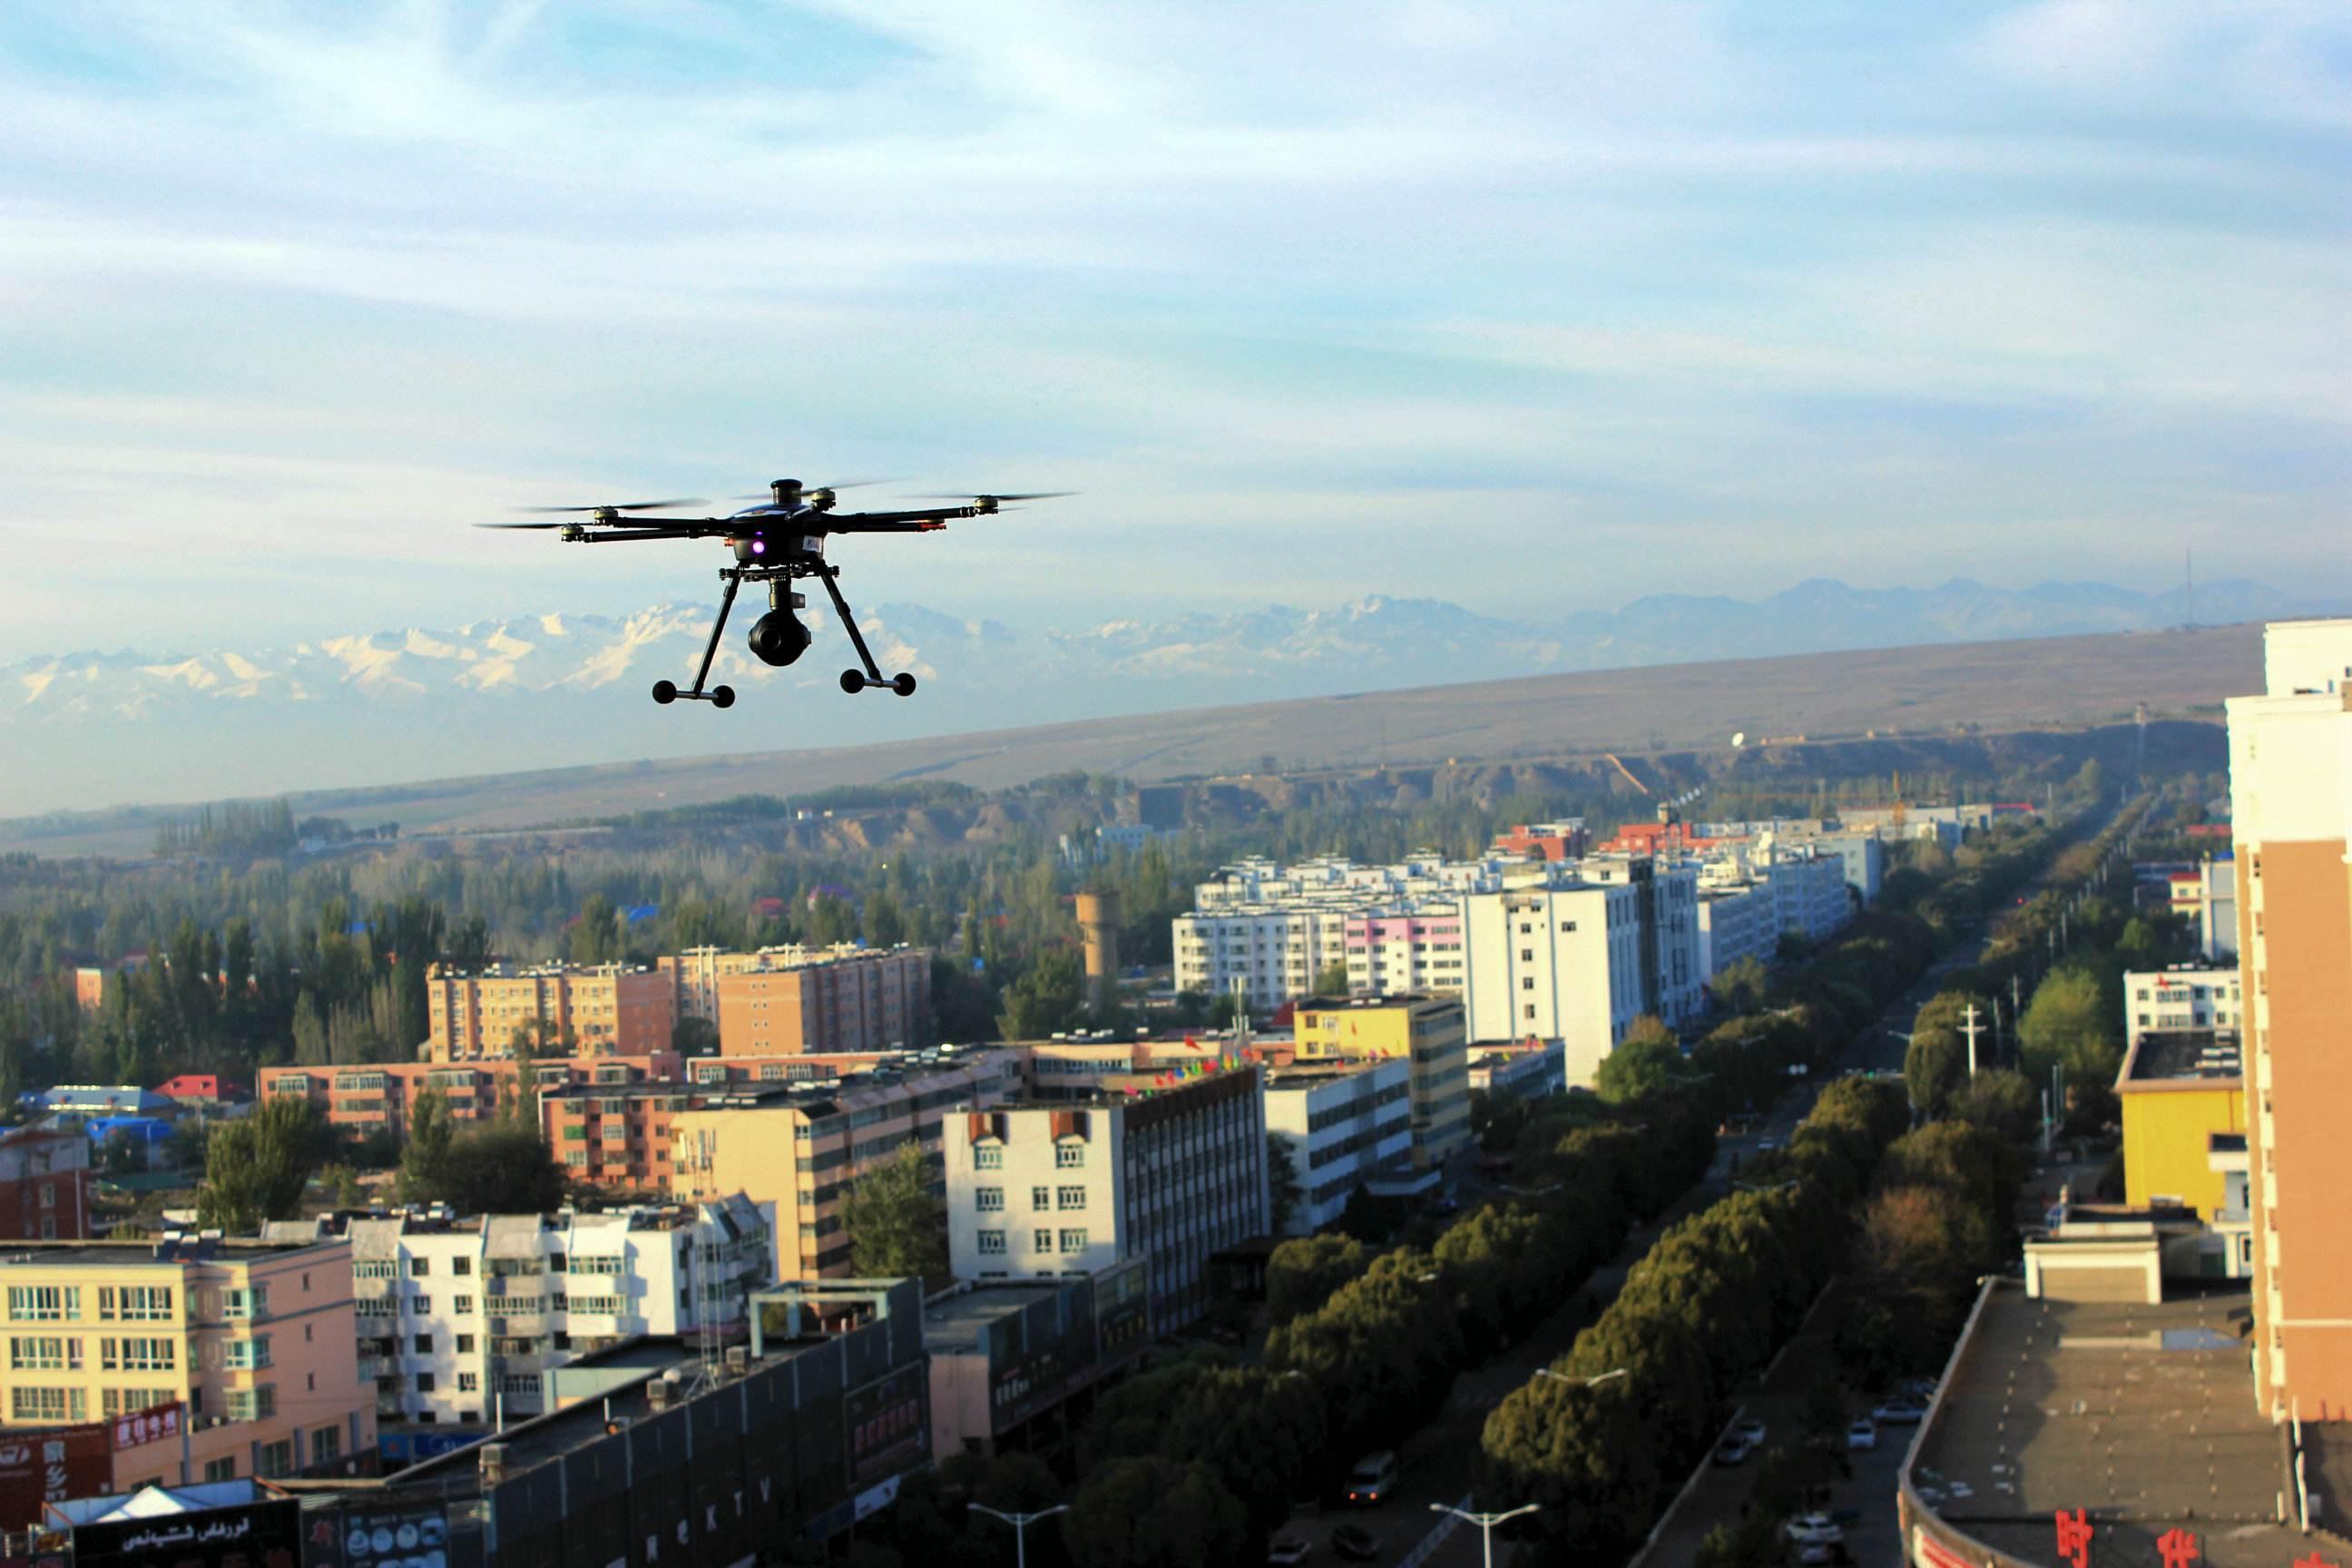 英国创新科技节谈未来城市:无人驾驶飞机未来将满城飞